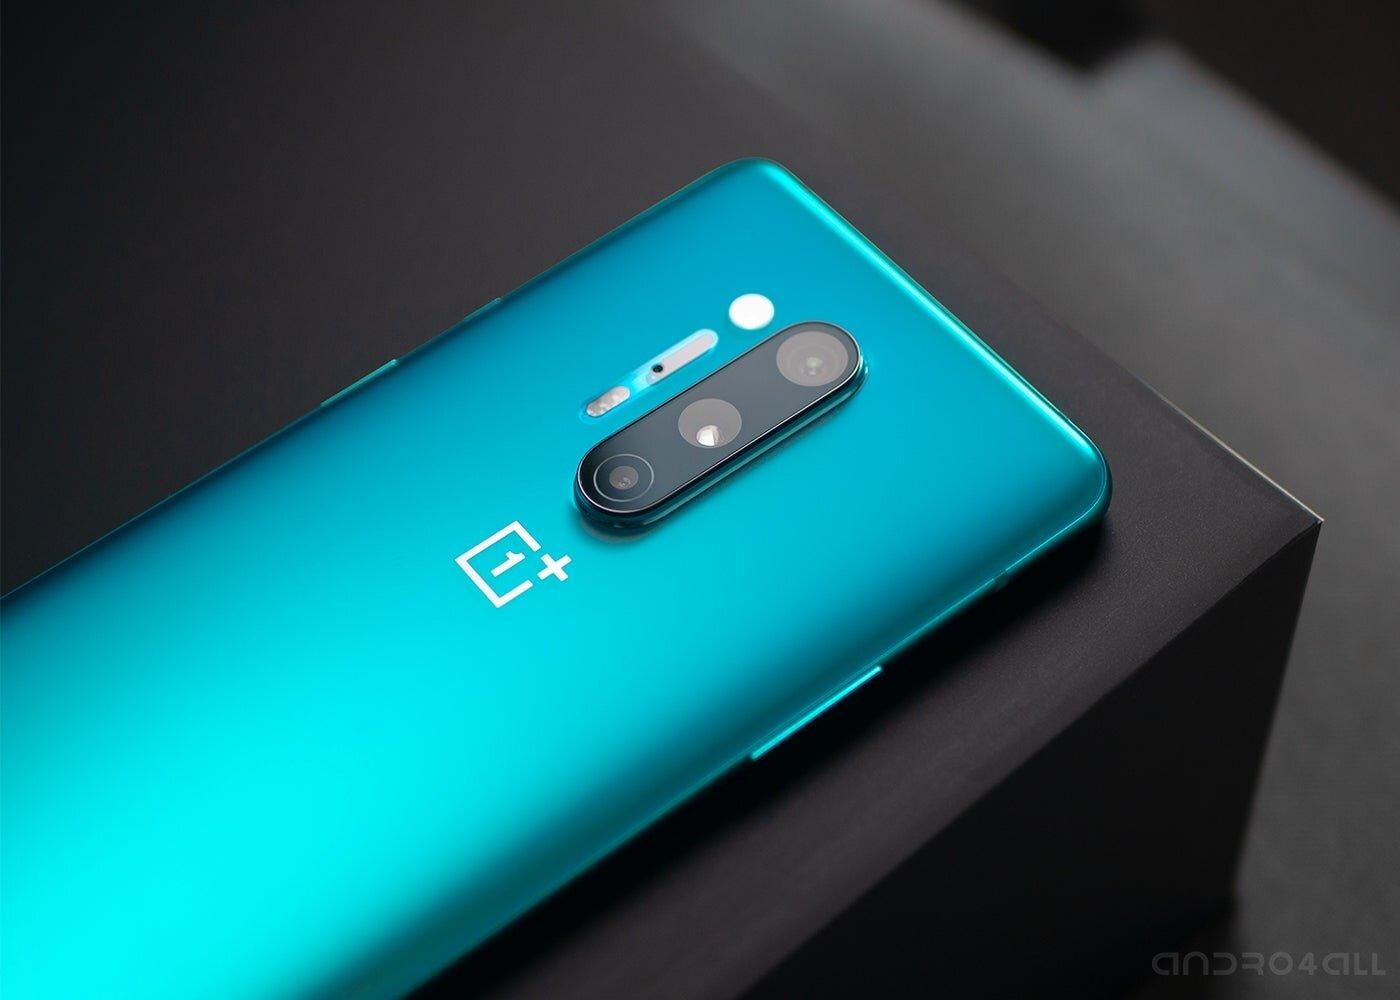 OnePlus 8 Pro en bleu, appareils photo